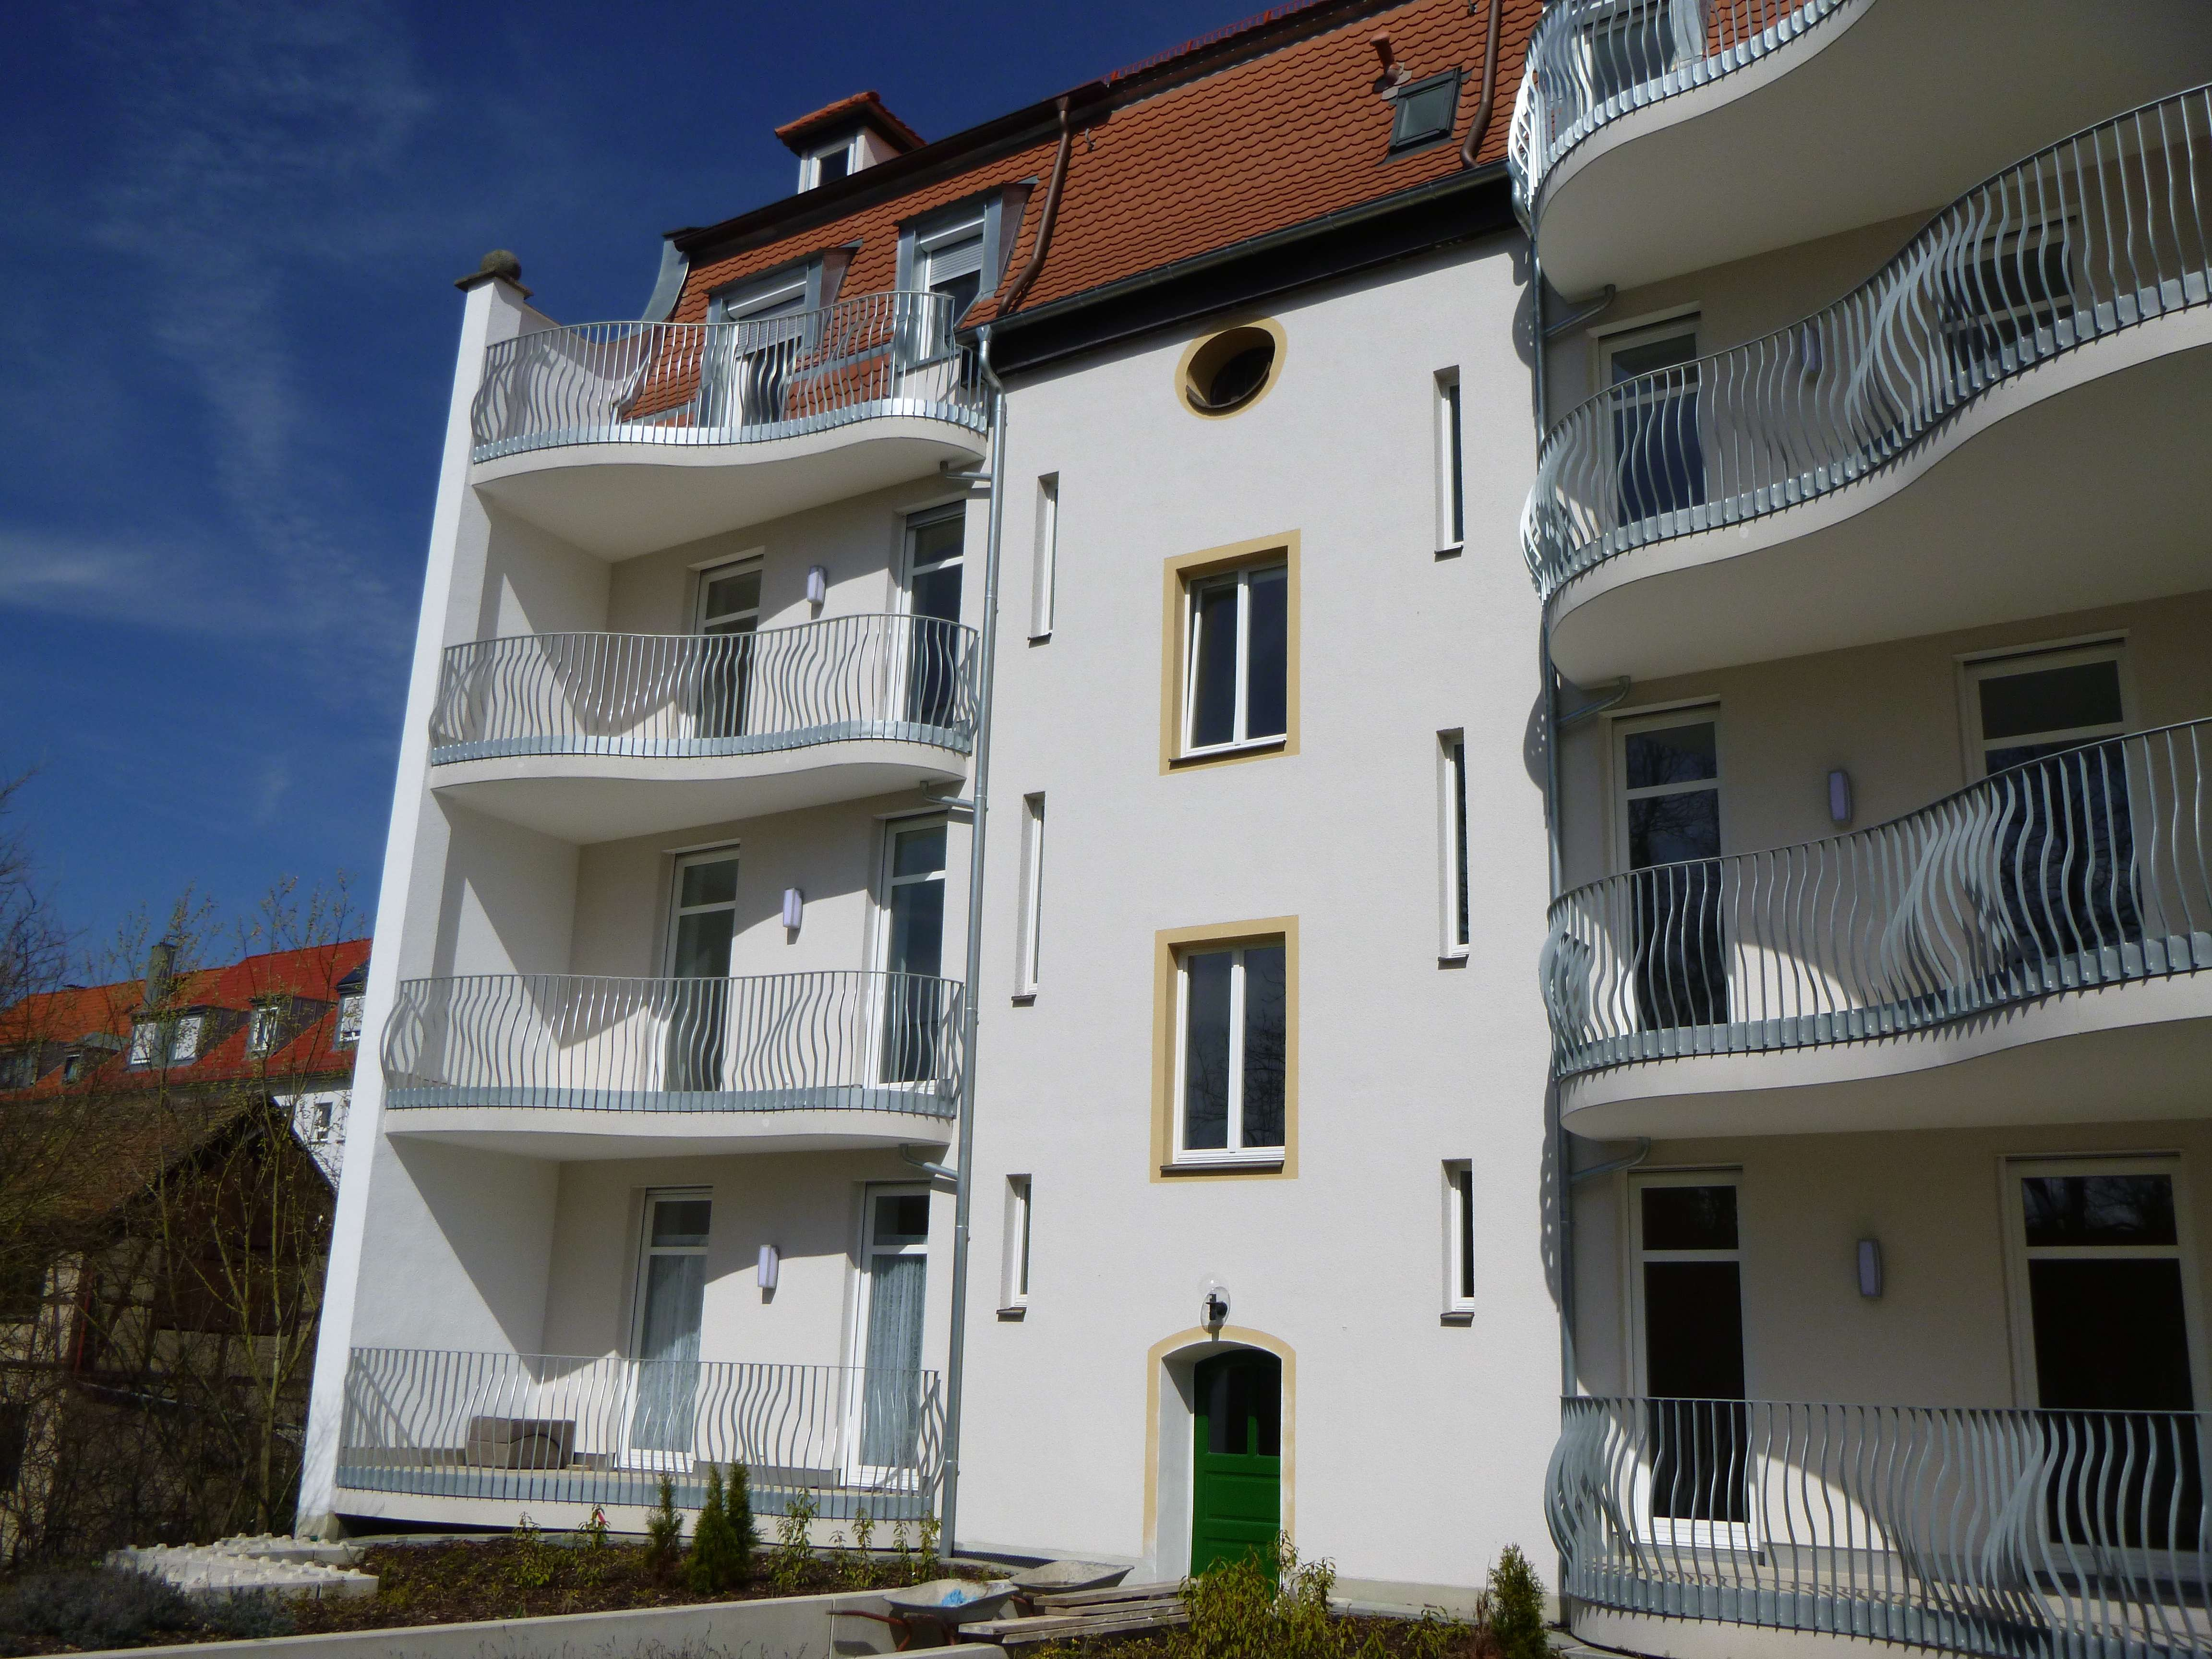 Historisch - Modern - Wohnen in Ansbach